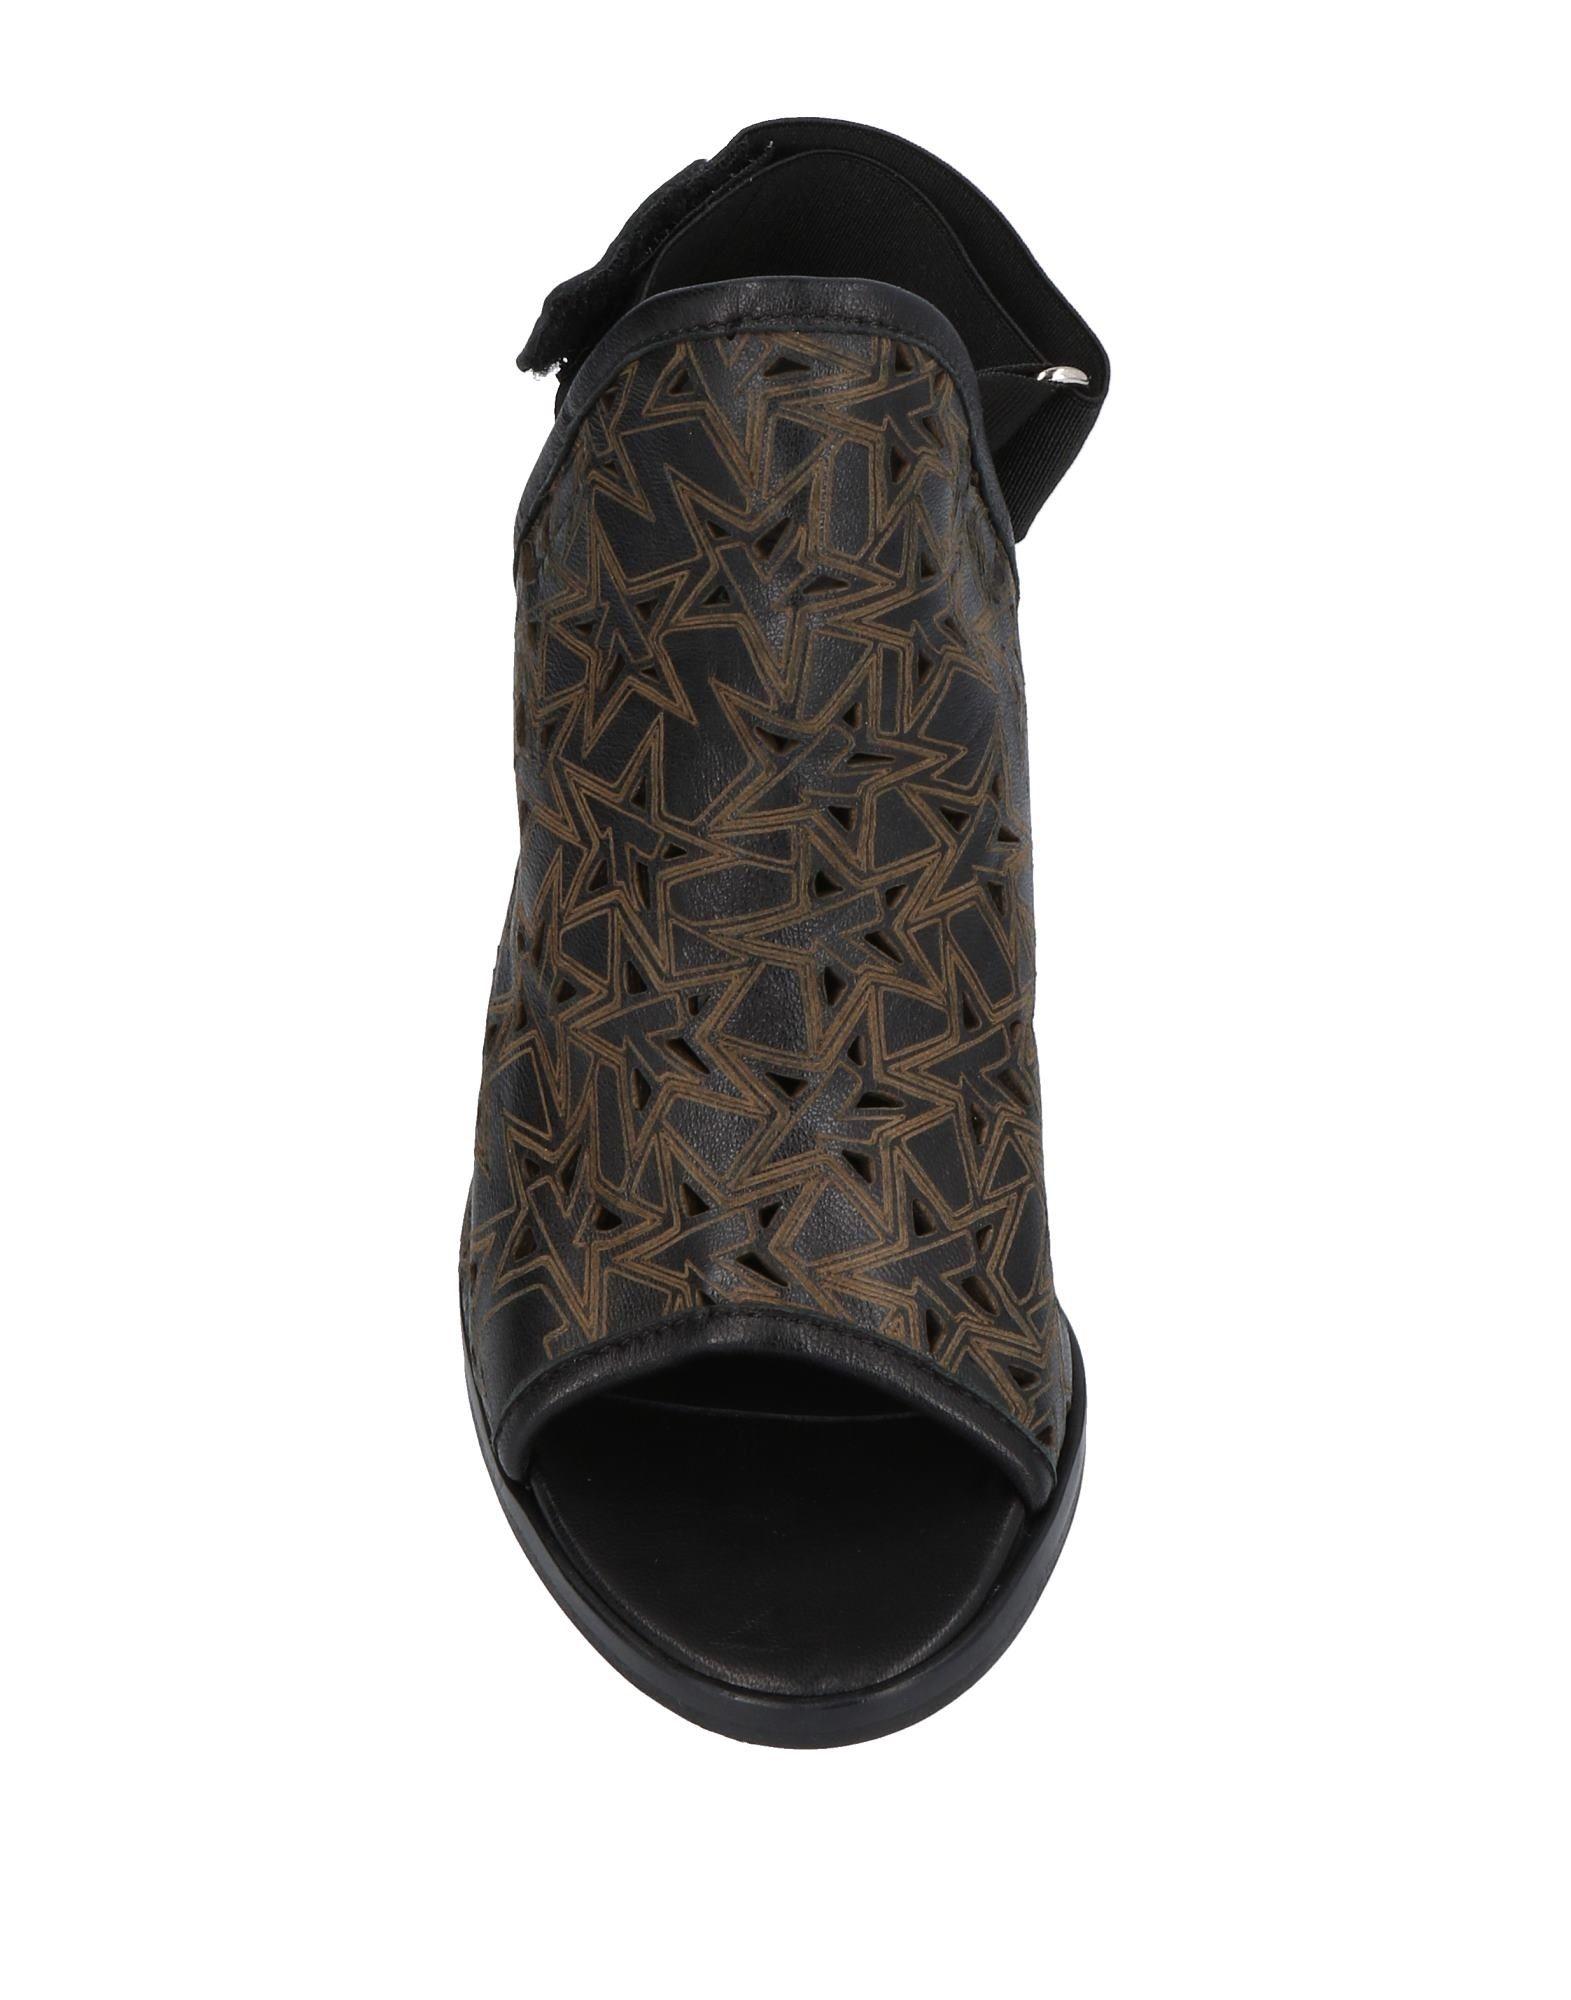 Stilvolle billige Schuhe  Dirk Bikkembergs Sandalen Damen  Schuhe 11462766TV 46416a